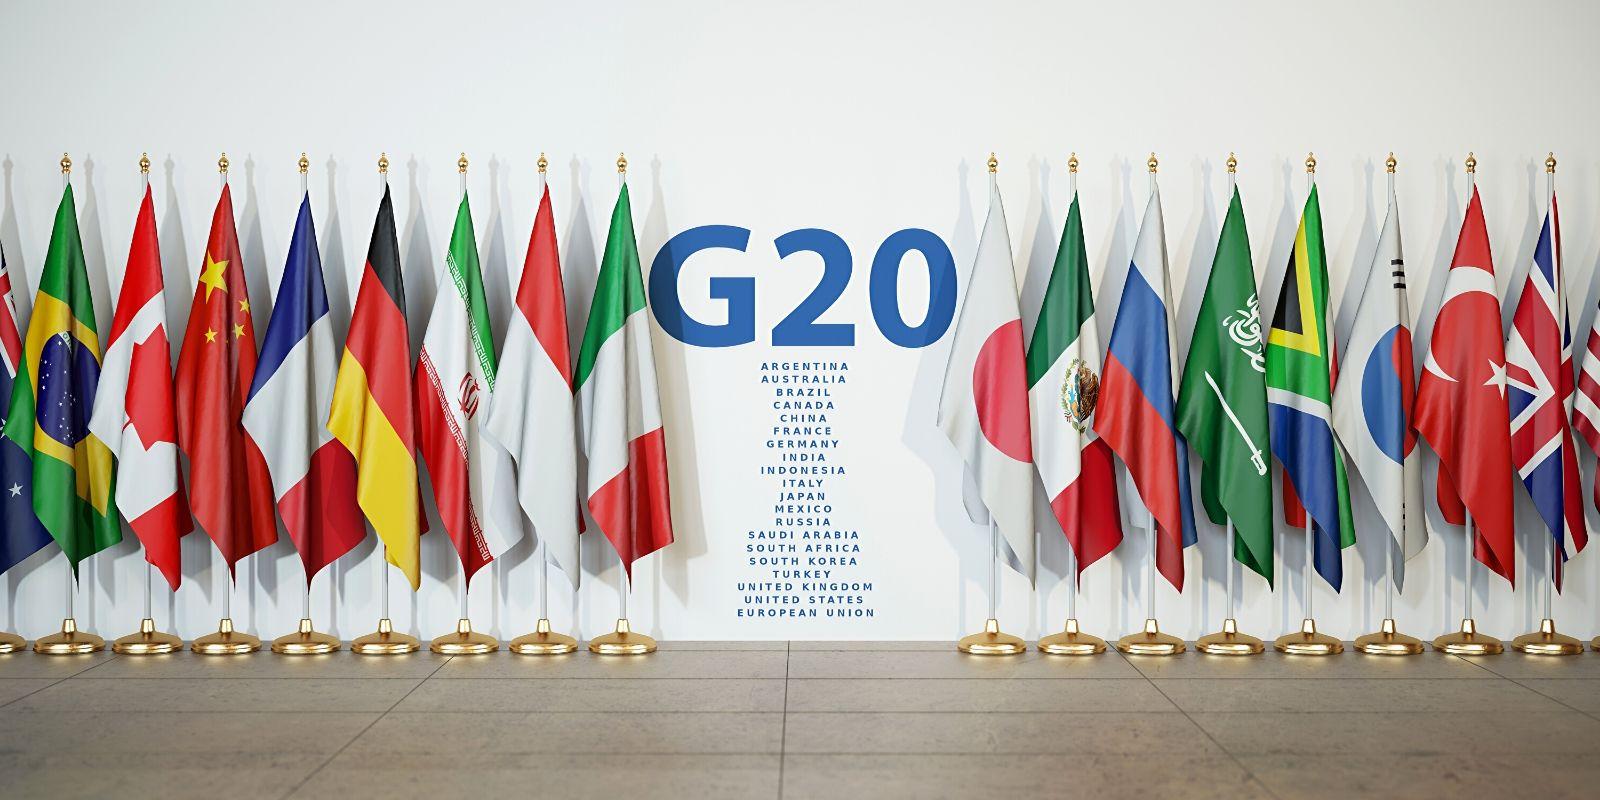 بيان  الشبكة الدولية للجنة من أجل إلغاء الديون غير المشروعةCADTMتدين إجراءات دول مجموعة العشرين حول الديون